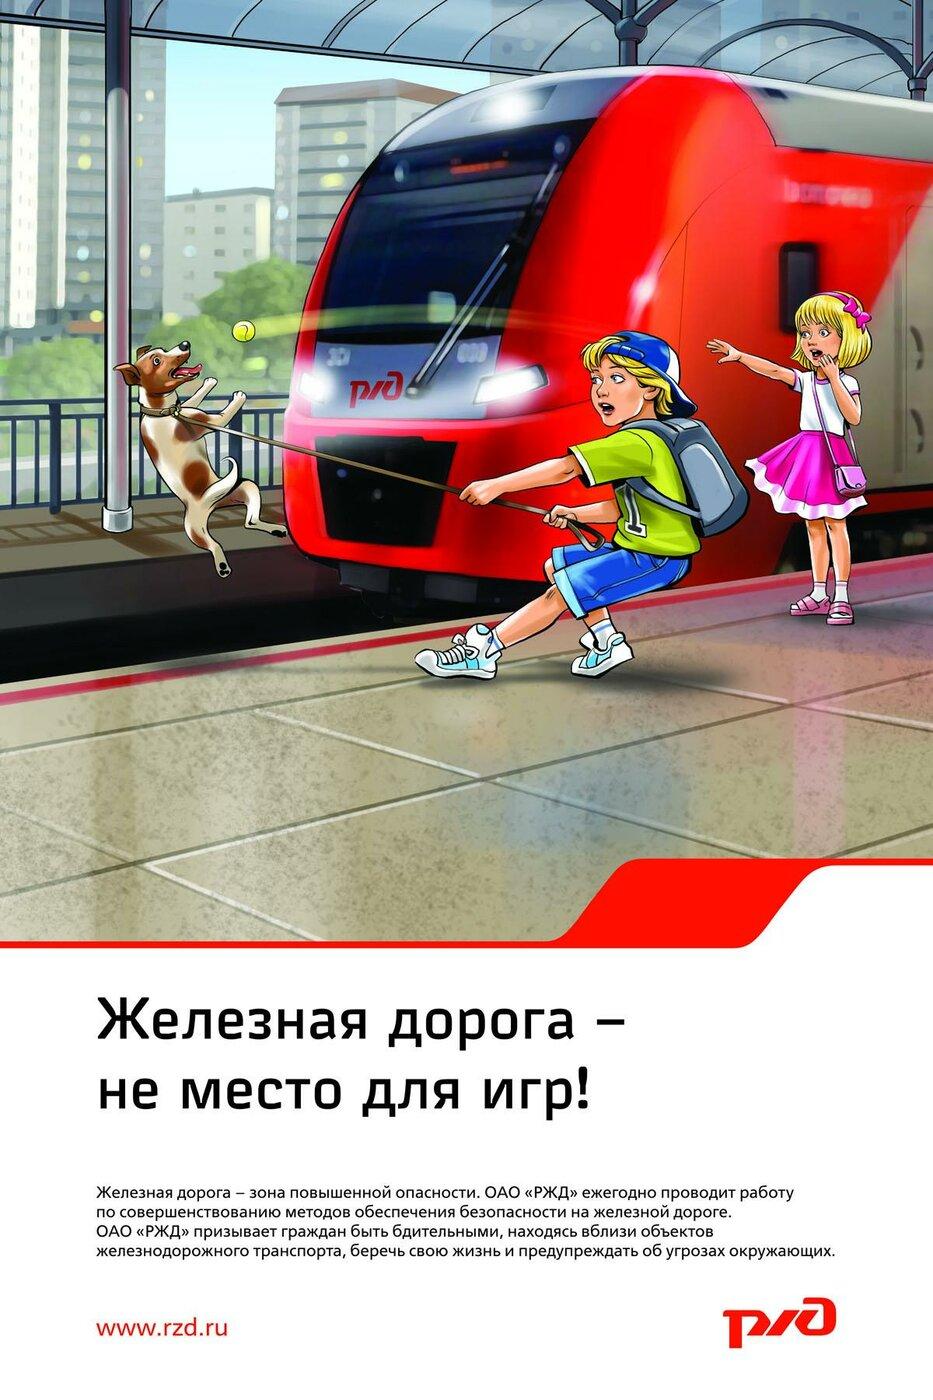 безопастность на железной дороге 3